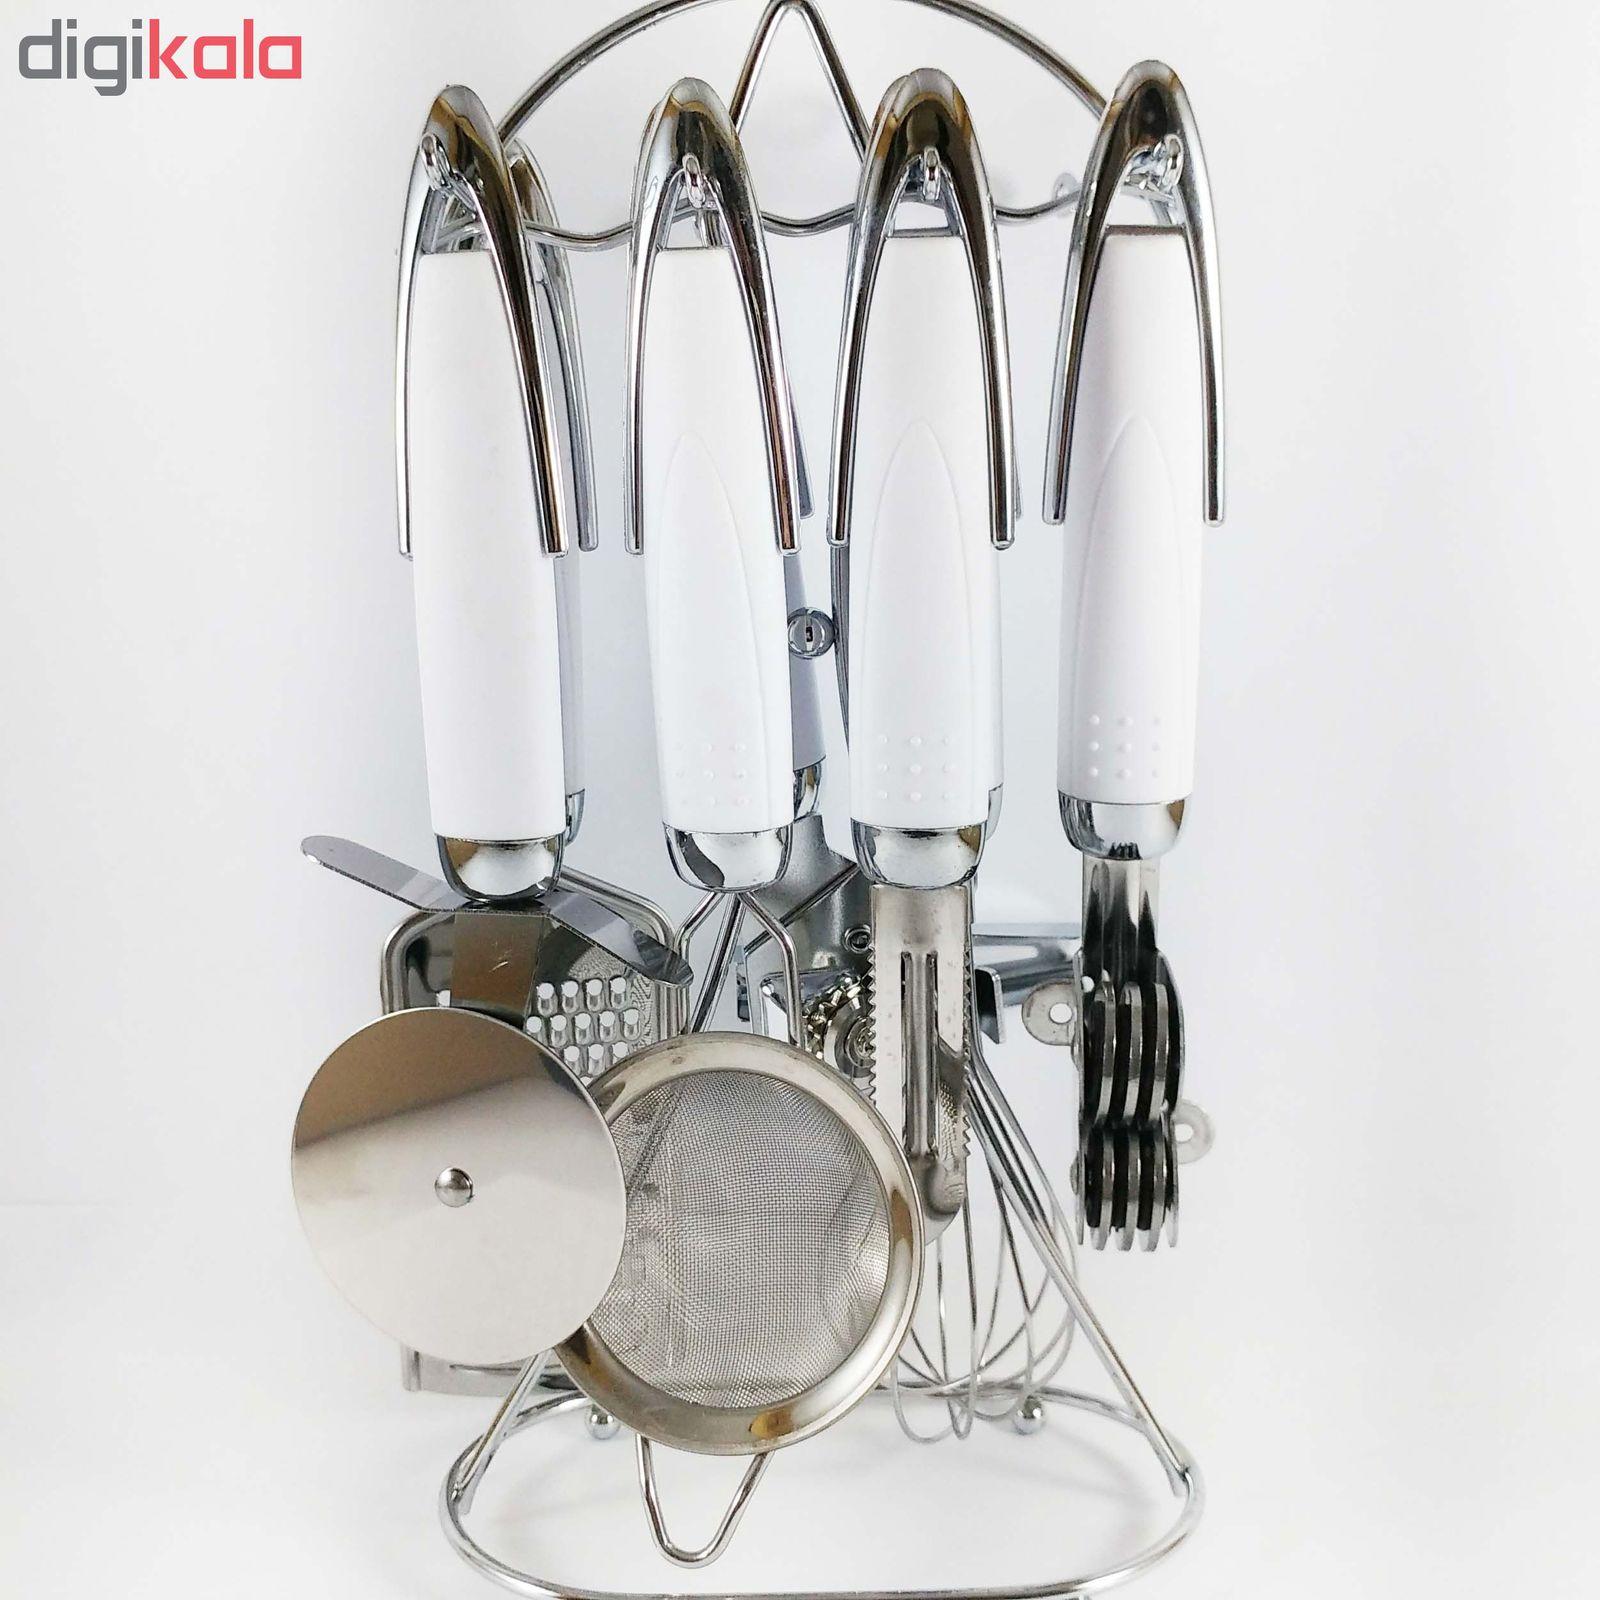 سرویس 8 پارچه ابزار آشپزخانه وی تارا مدل VIT01 main 1 4